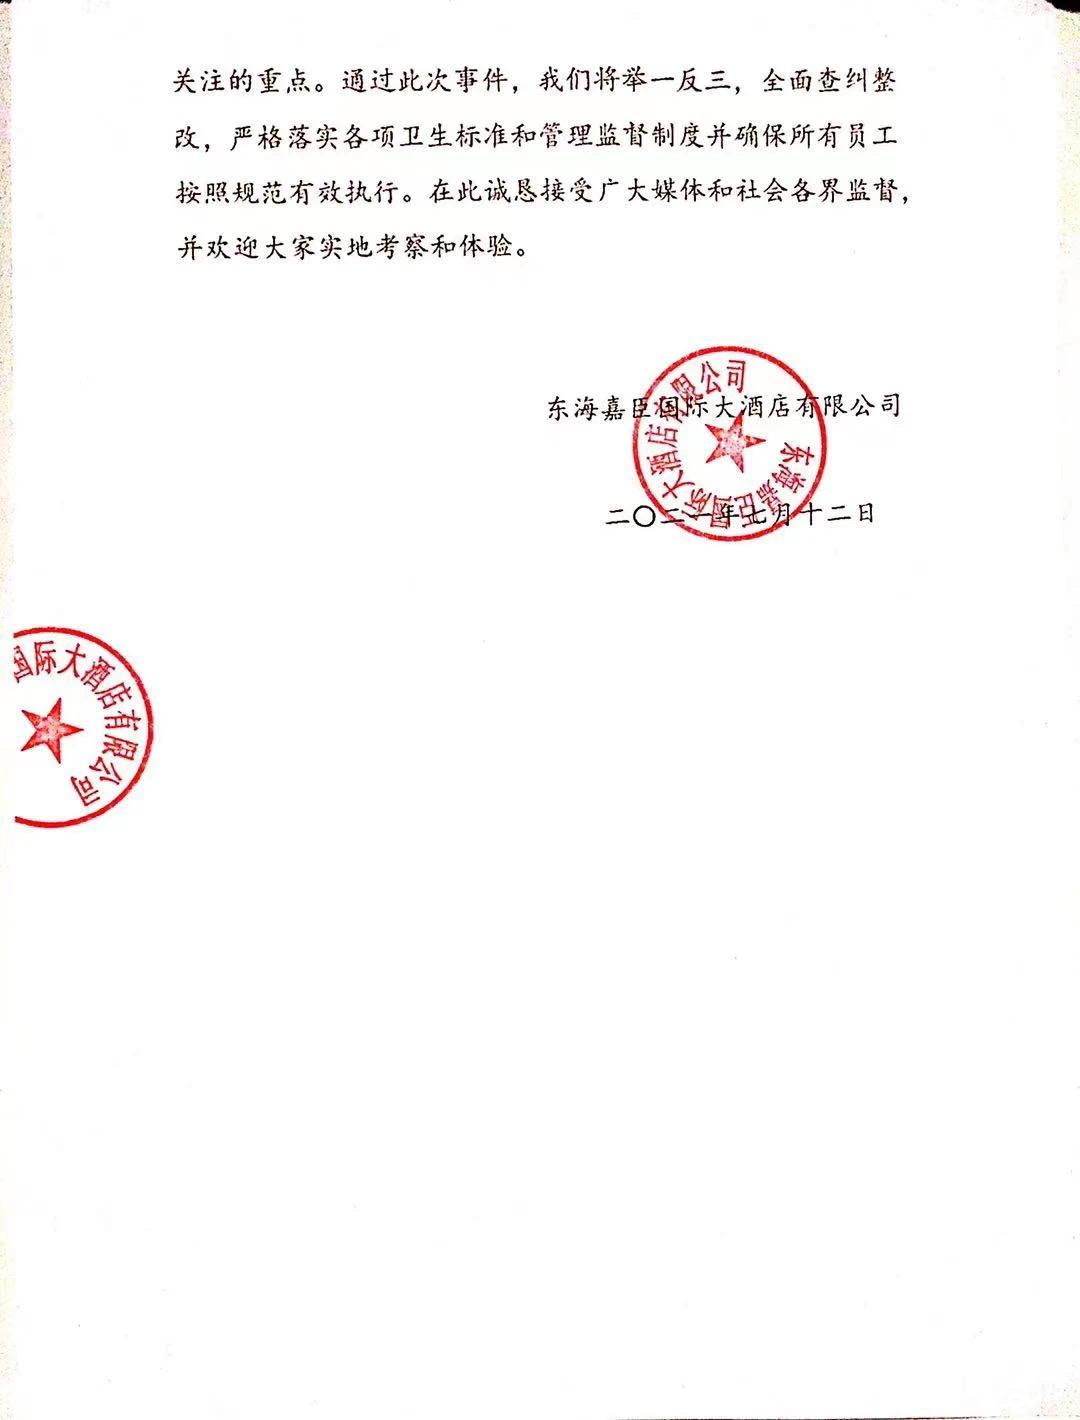 东海嘉臣国际大酒店发布的公告